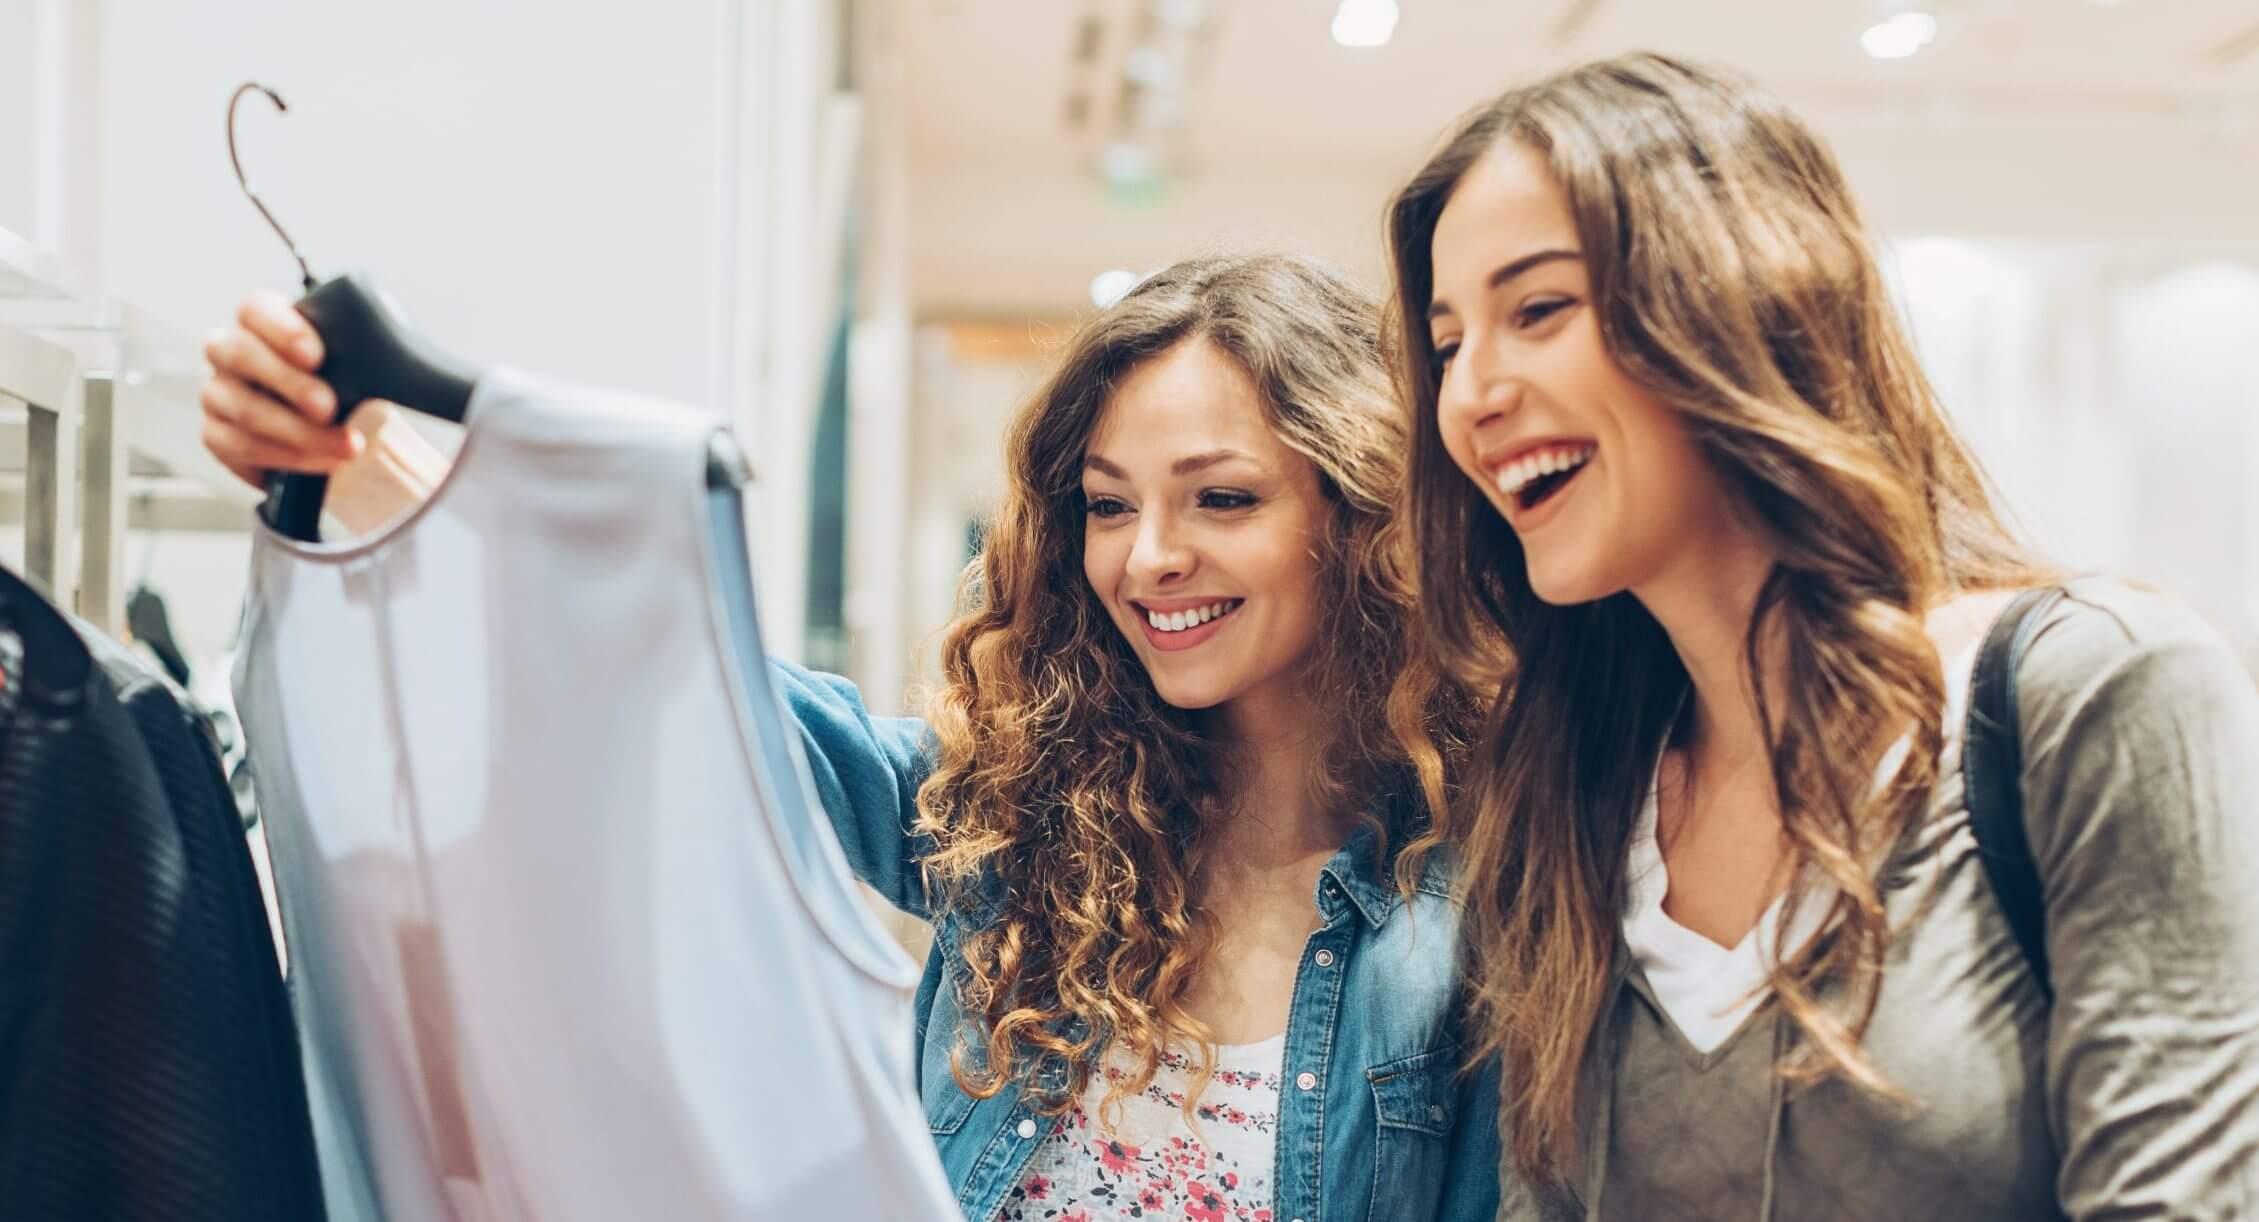 Image_Zwei fröhliche Mädchen beim Einkaufen von Kleidung